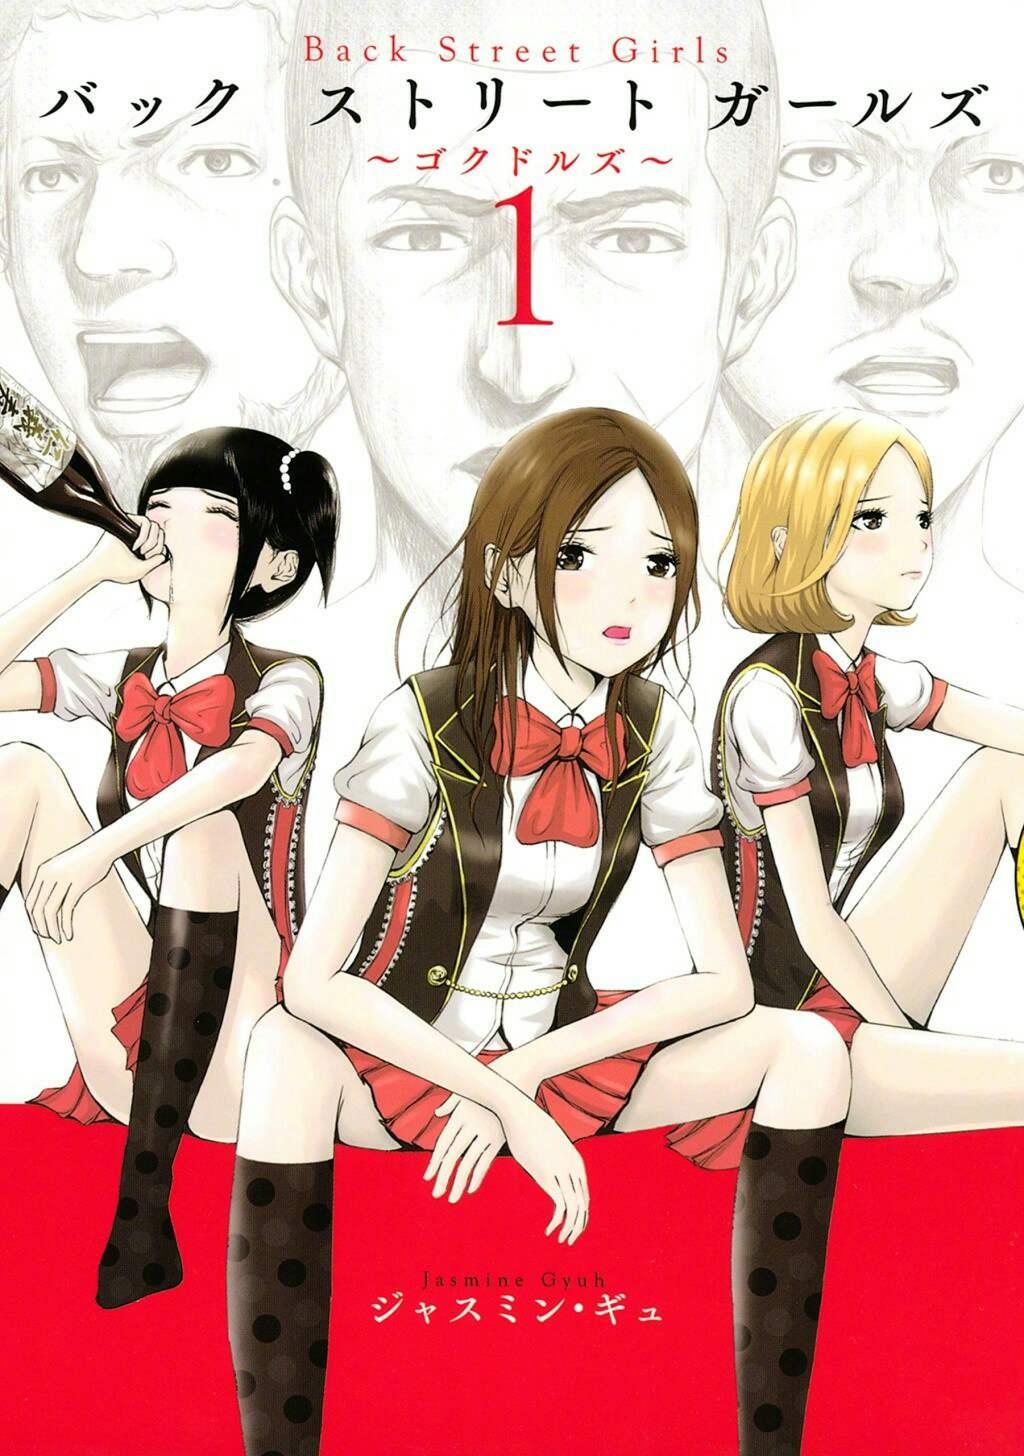 【资讯】另类偶像漫画《后街女孩》动画化决定 黑道混混秒变萌妹子